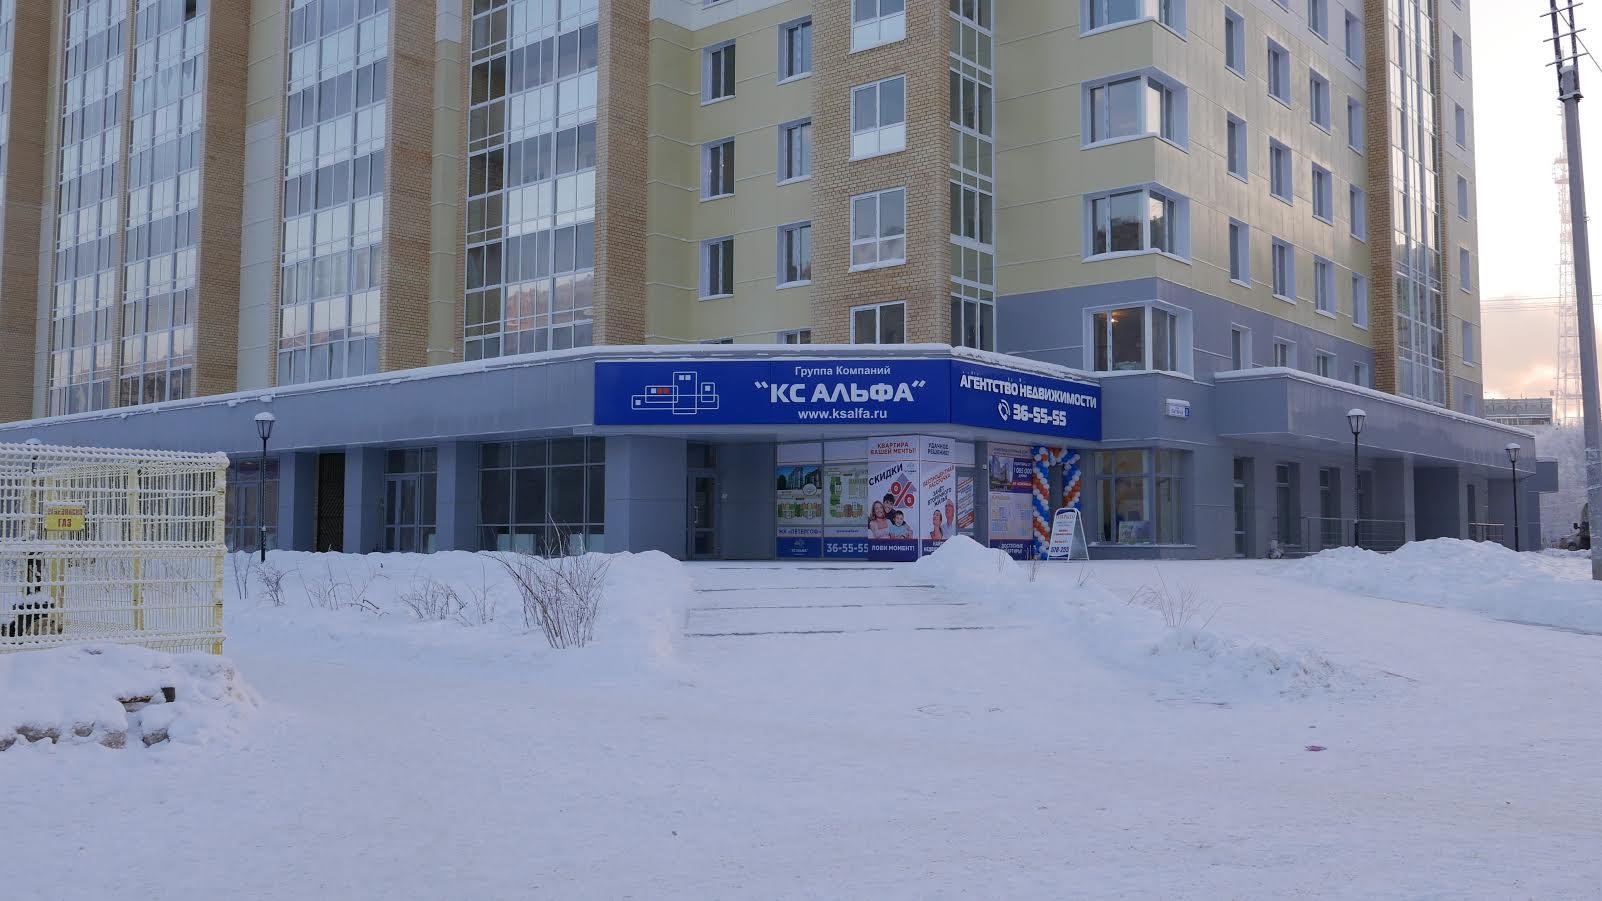 В Коми агентства недвижимости начинают работать по принципу Службы одного окна